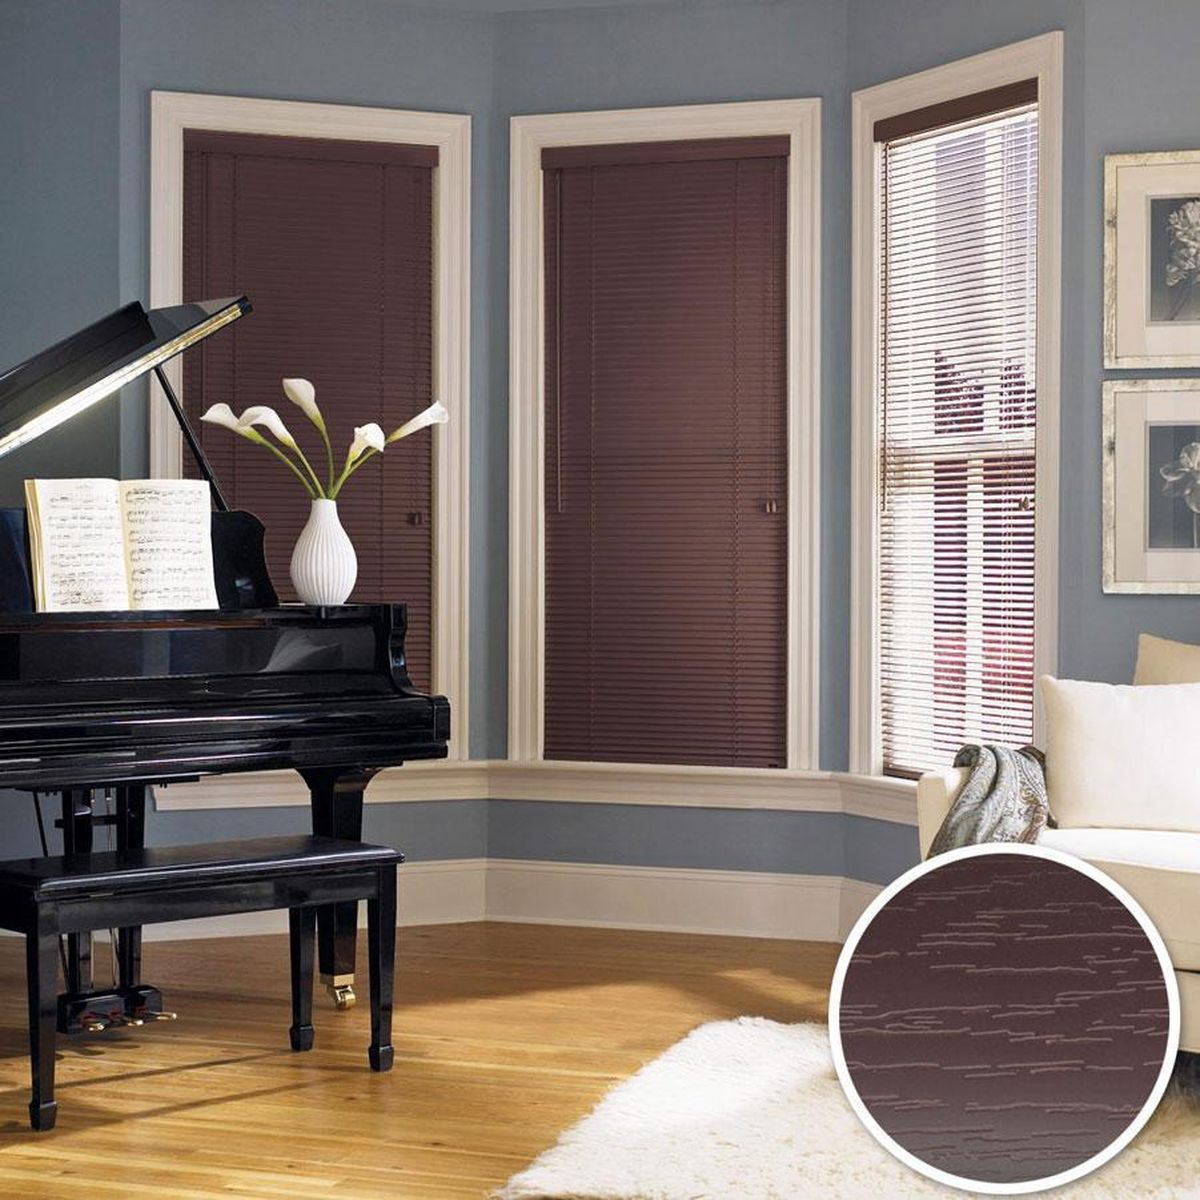 Жалюзи Эскар, цвет: темный кофе, ширина 60 см, высота 160 смKGB GX-3Для того чтобы придать интерьеру изюминку и завершенность, нет ничего лучше, чем использовать жалюзи на окнах квартиры, дома или офиса. С их помощью можно подчеркнуть индивидуальный вкус, а также стилевое оформление помещения. Помимо декоративных функций, жалюзи выполняют и практические задачи: они защищают от излишнего солнечного света, не дают помещению нагреваться, а также создают уют в темное время суток.Пластиковые жалюзи - самое универсальное и недорогое решение для любого помещения. Купить их может каждый, а широкий выбор размеров под самые популярные габариты сделает покупку простой и удобной. Пластиковые жалюзи имеют высокие эксплуатационные характеристики - они гигиеничны, что делает их незаменимыми при монтаже в детских и медицинских учреждениях.